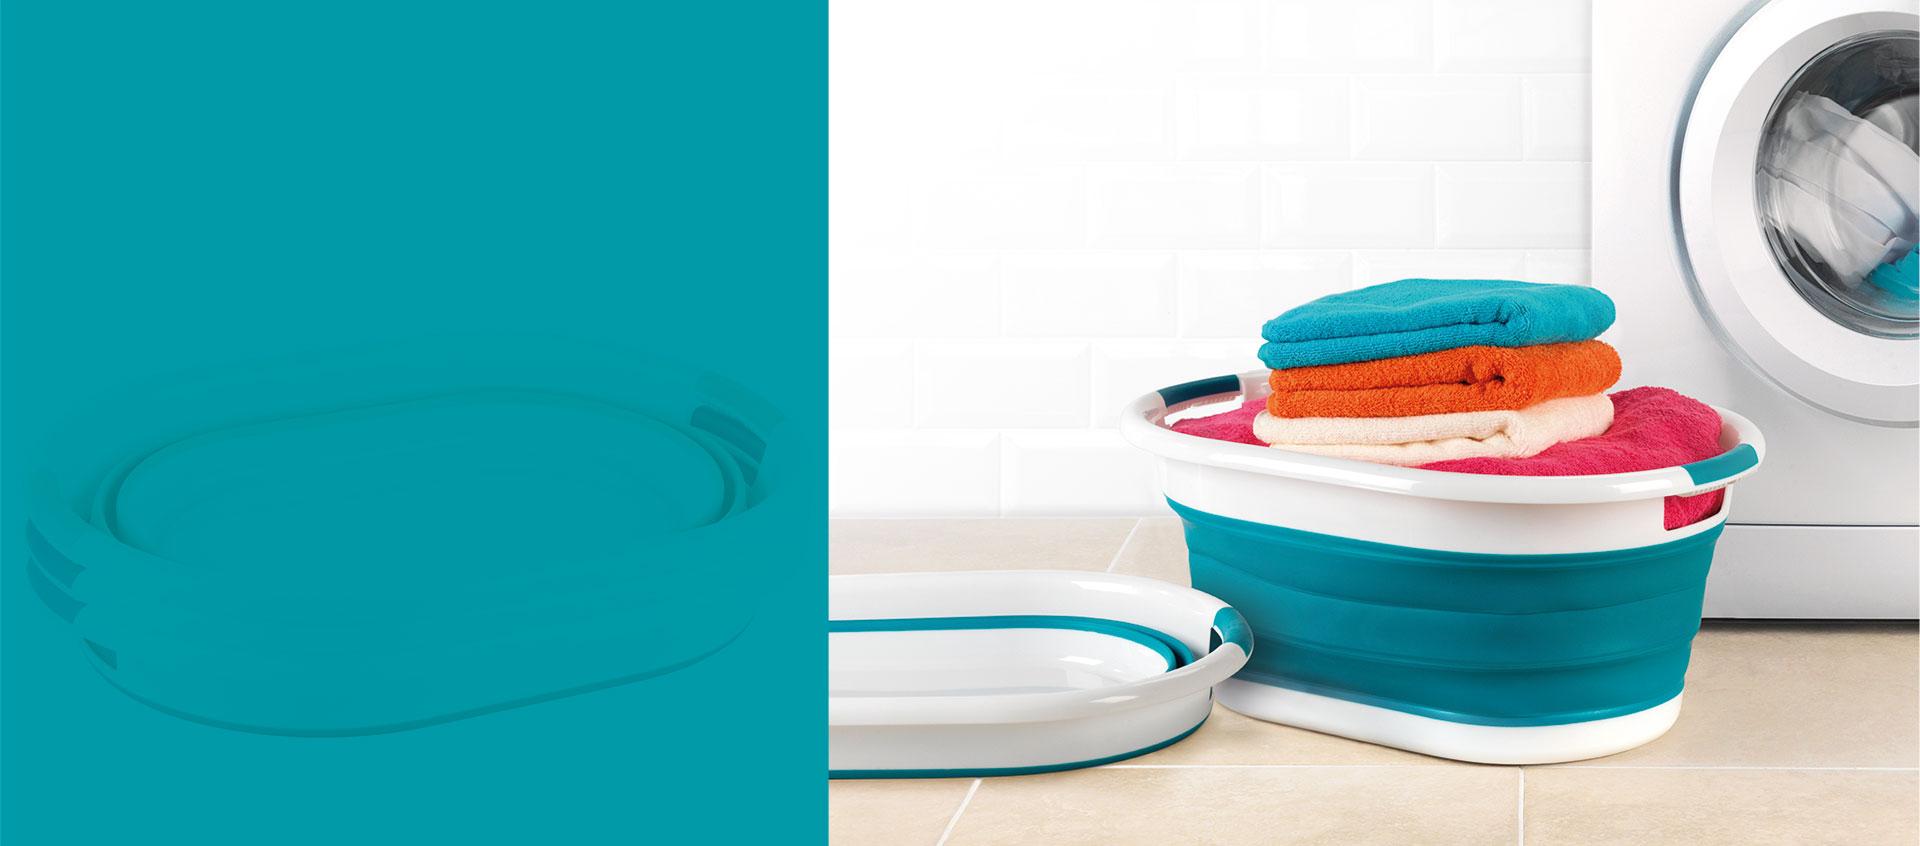 Make light work of laundry